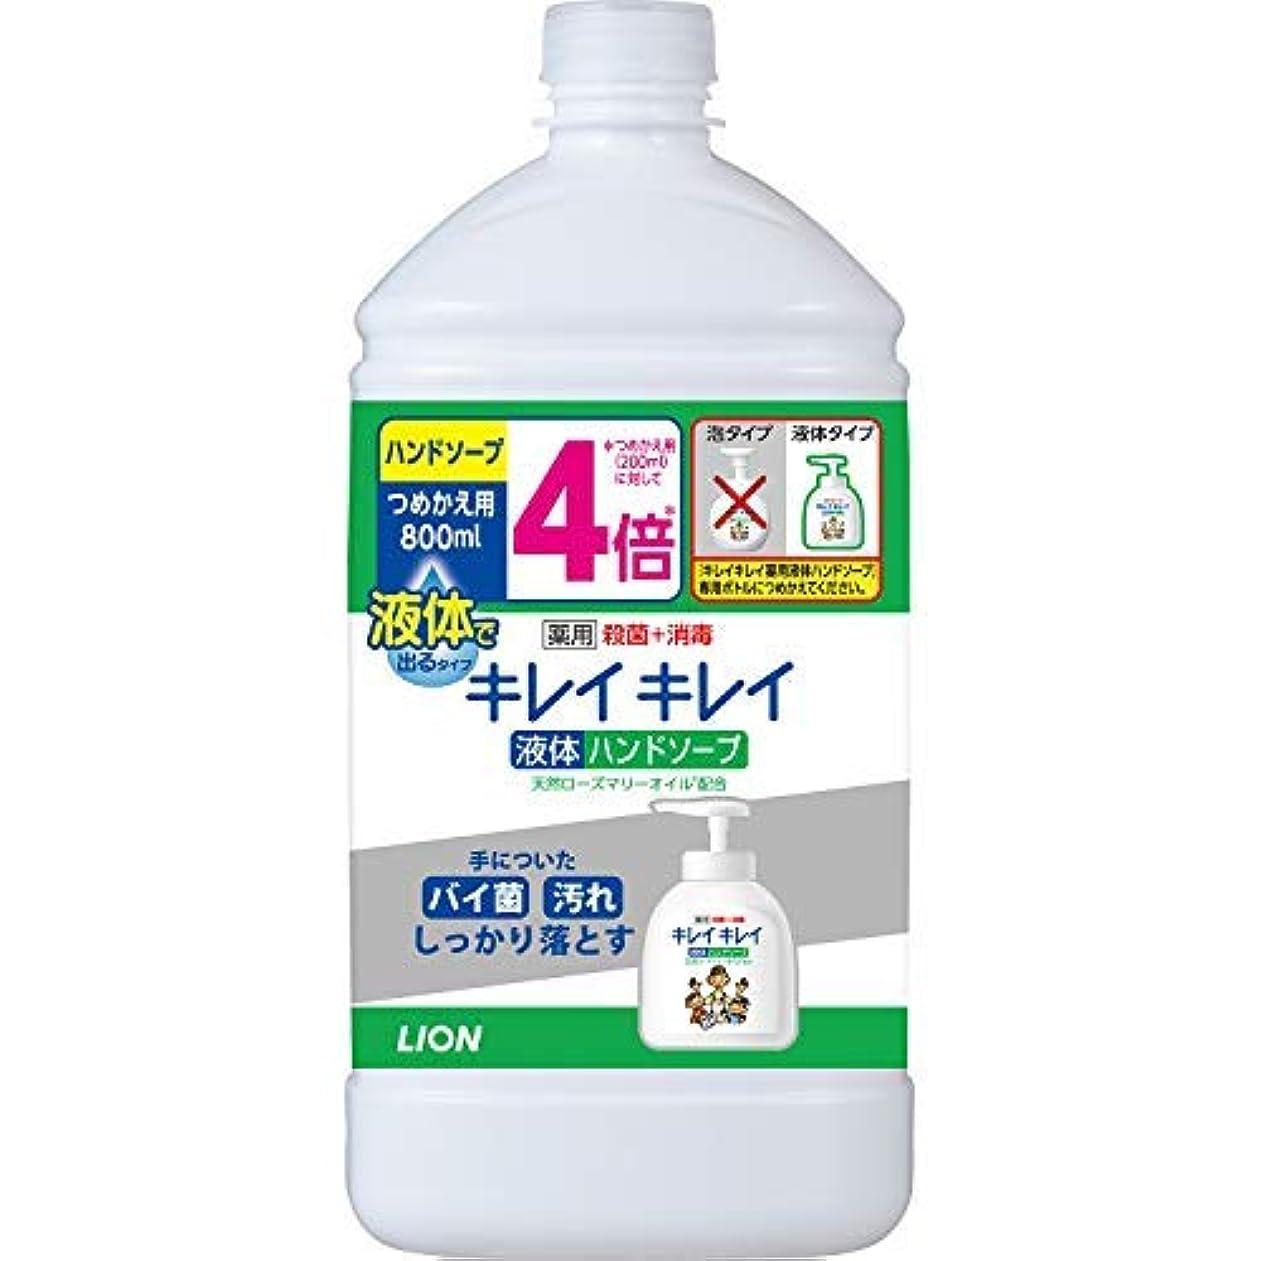 シチリア冬慣れているキレイキレイ 薬用液体ハンドソープ つめかえ用特大サイズシトラスフルーテイ × 3個セット